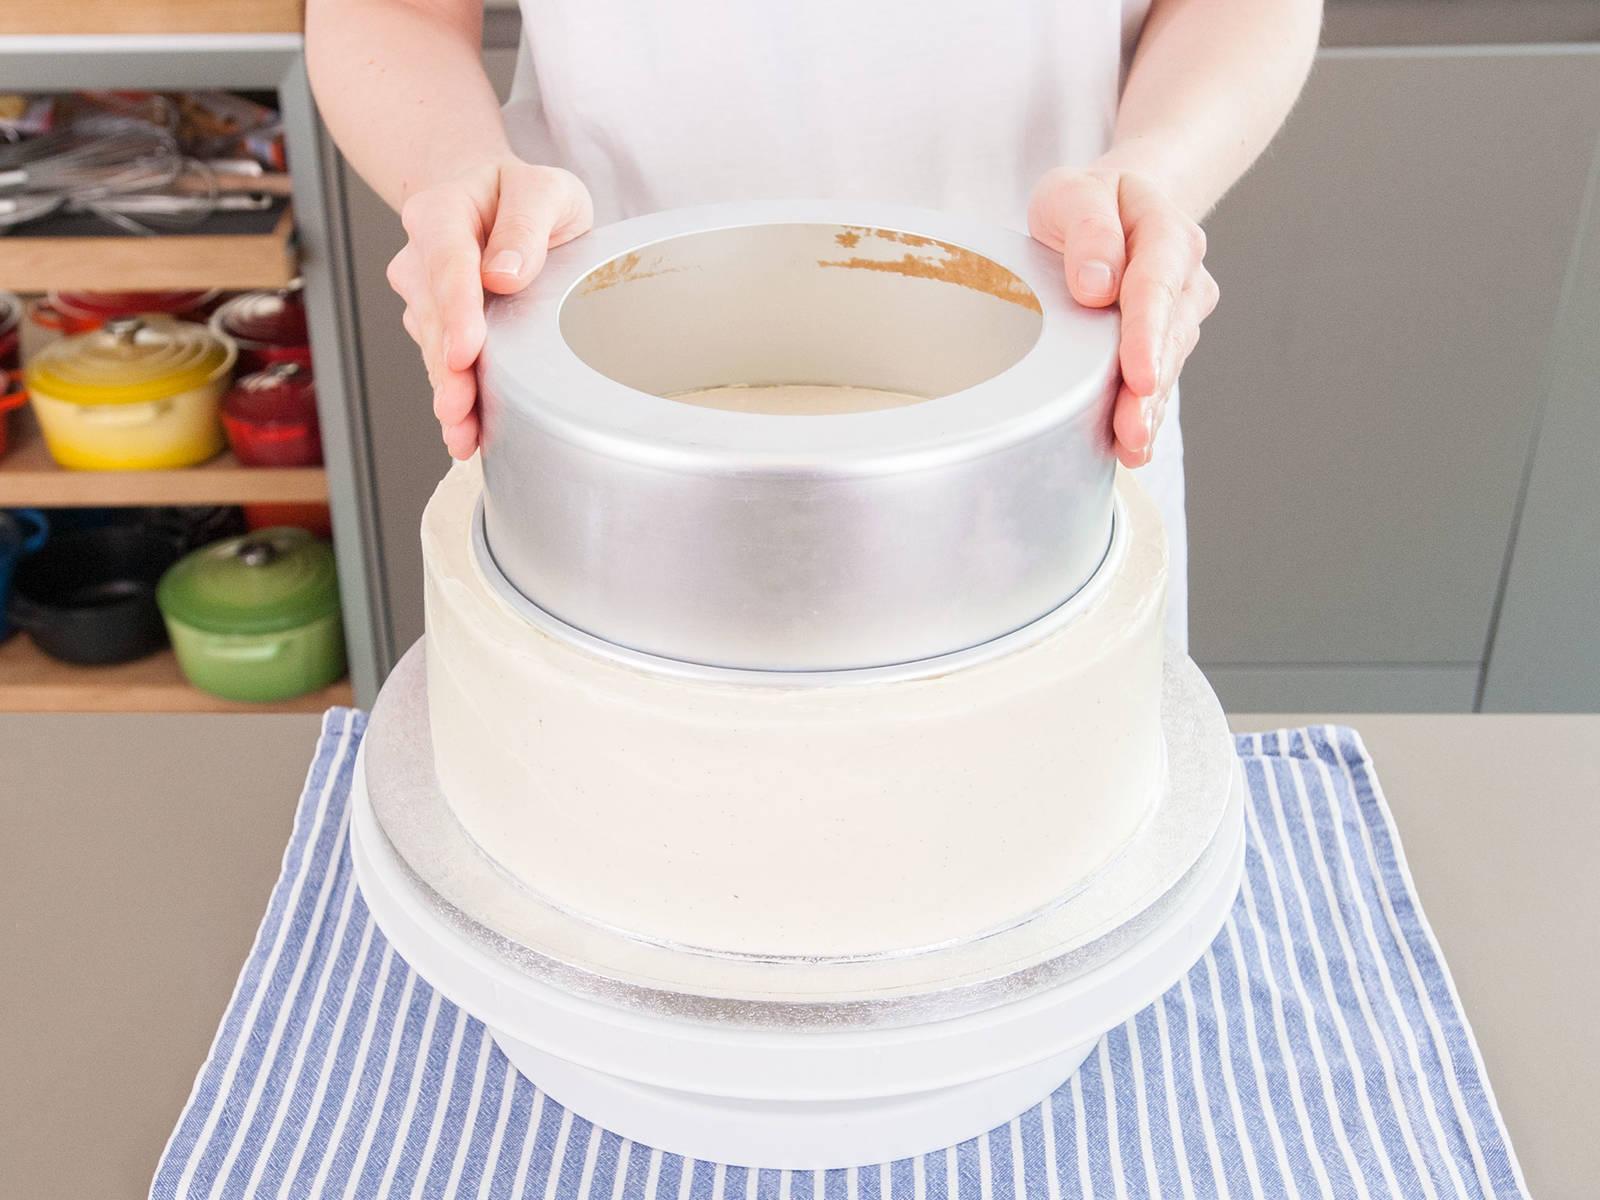 蛋糕凝固后,即可在蛋糕上根据你的个人喜好涂抹最后一层蛋白霜。然后,将蛋糕放回冰箱,冷藏1小时到24小时。蛋白霜凝固结实后,就要使用吸管固定这三层蛋糕。方法如下:将8英寸的蛋糕模居中地放在10英寸蛋糕层上,然后轻轻摁押烤模做上记号。在8英寸蛋糕层上也用6英寸烤模做相同操作。